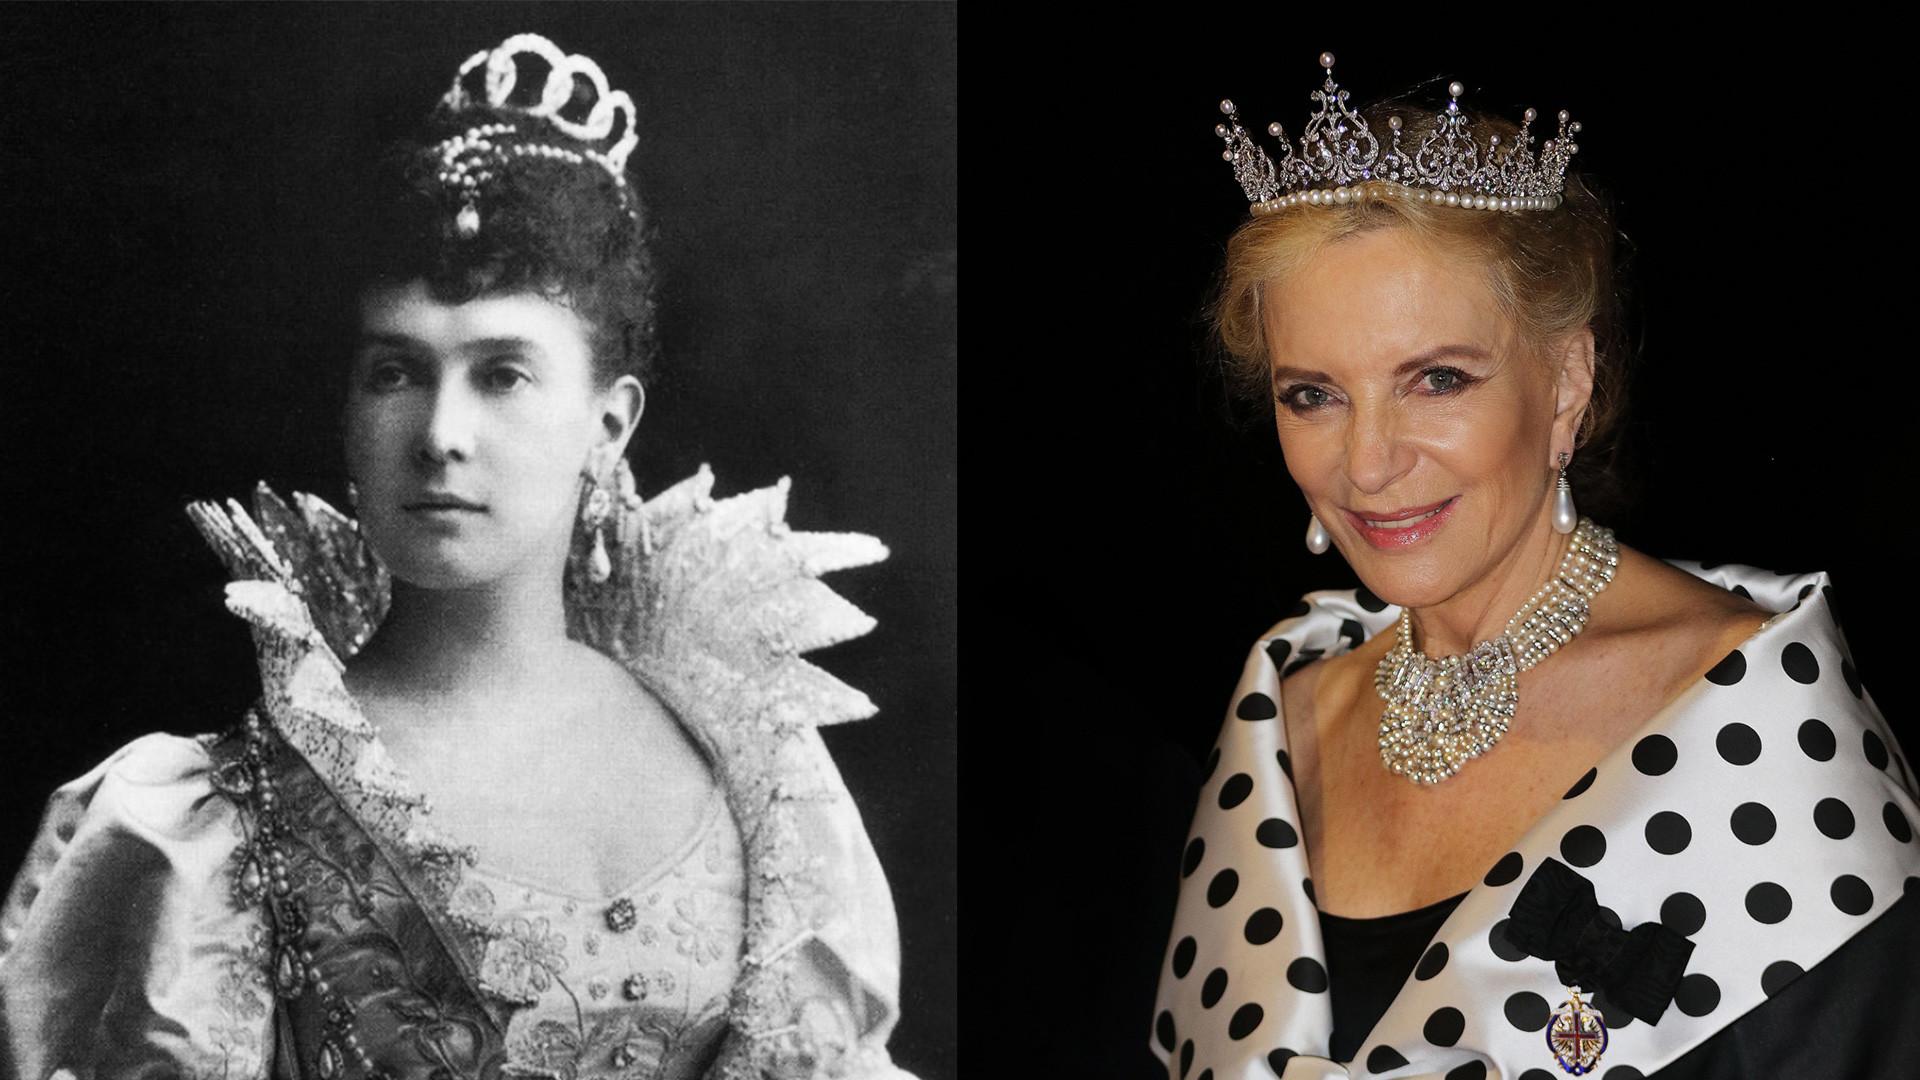 Слева: Мария Павловна в жемчужных серьгах. Справа: Принцесса Майкл Кентская в них же.